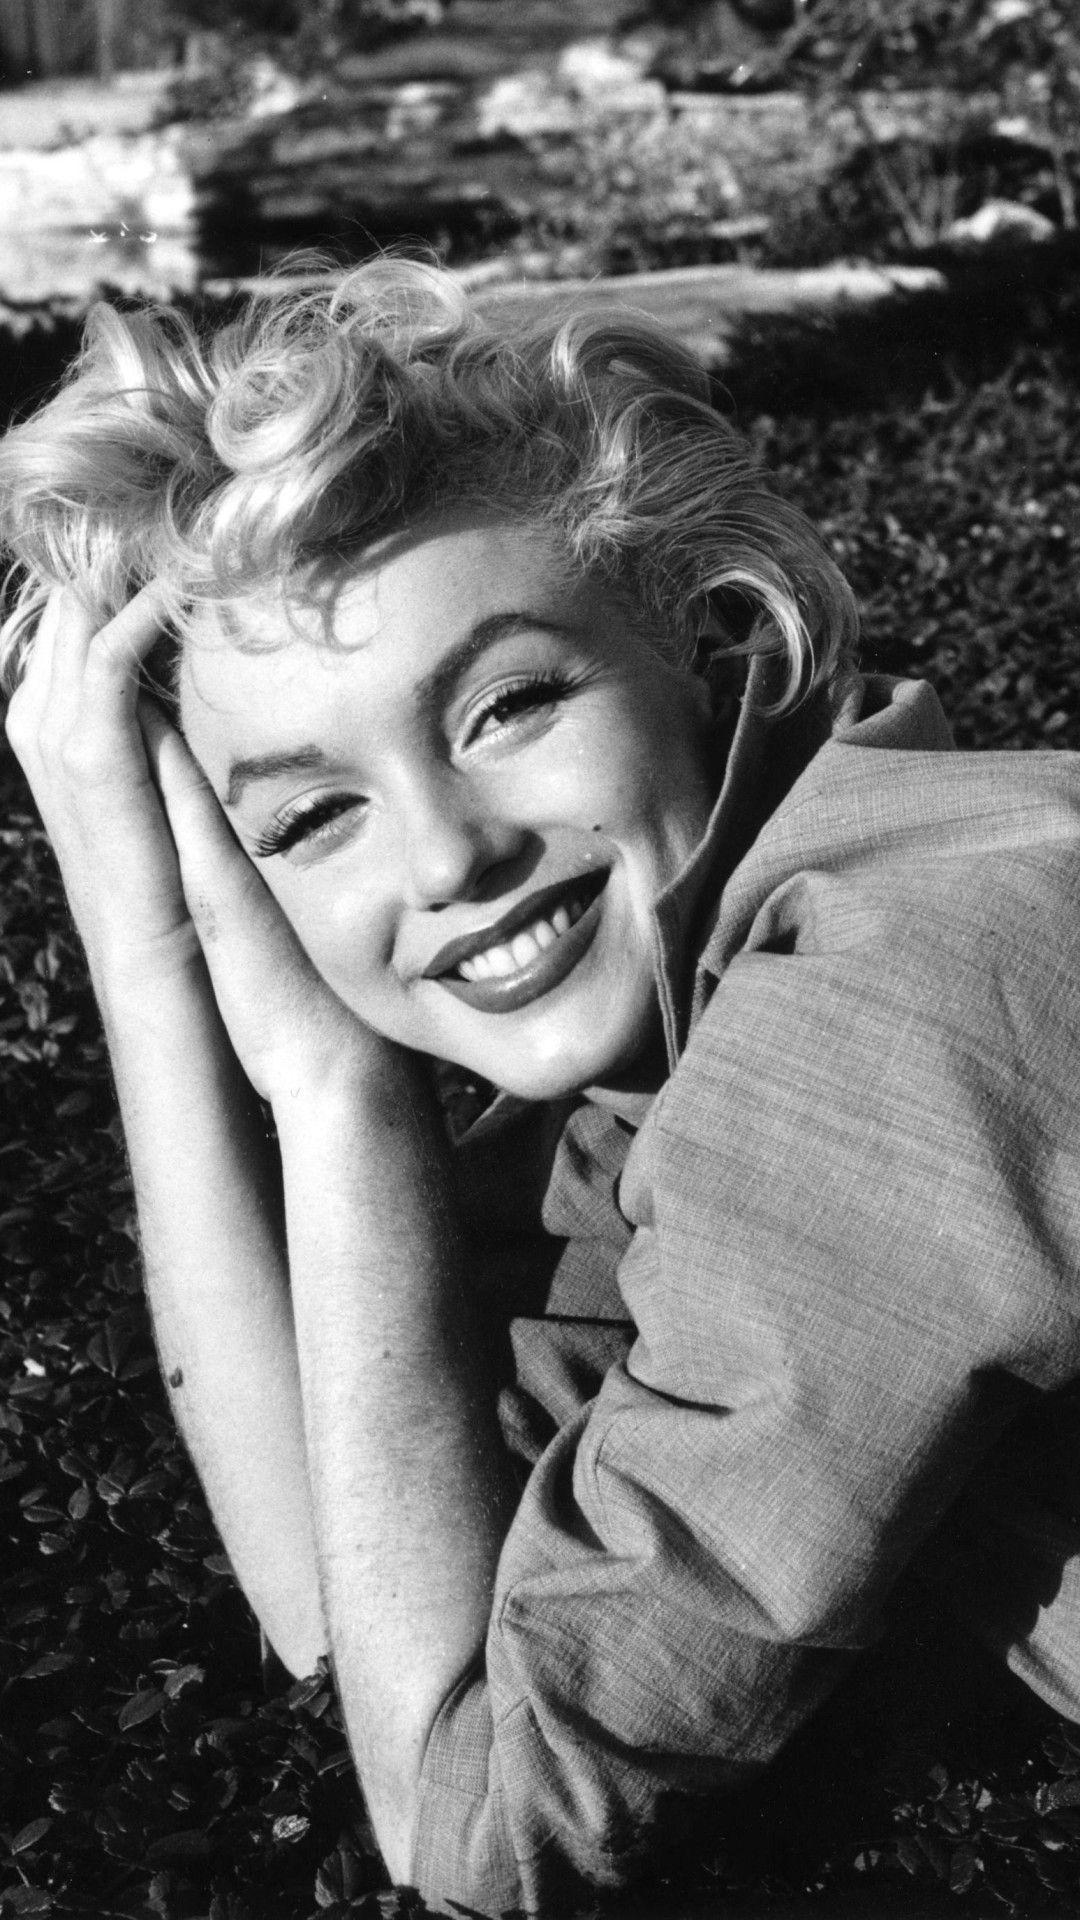 Marilyn Monroe iPhone Wallpapers - Top